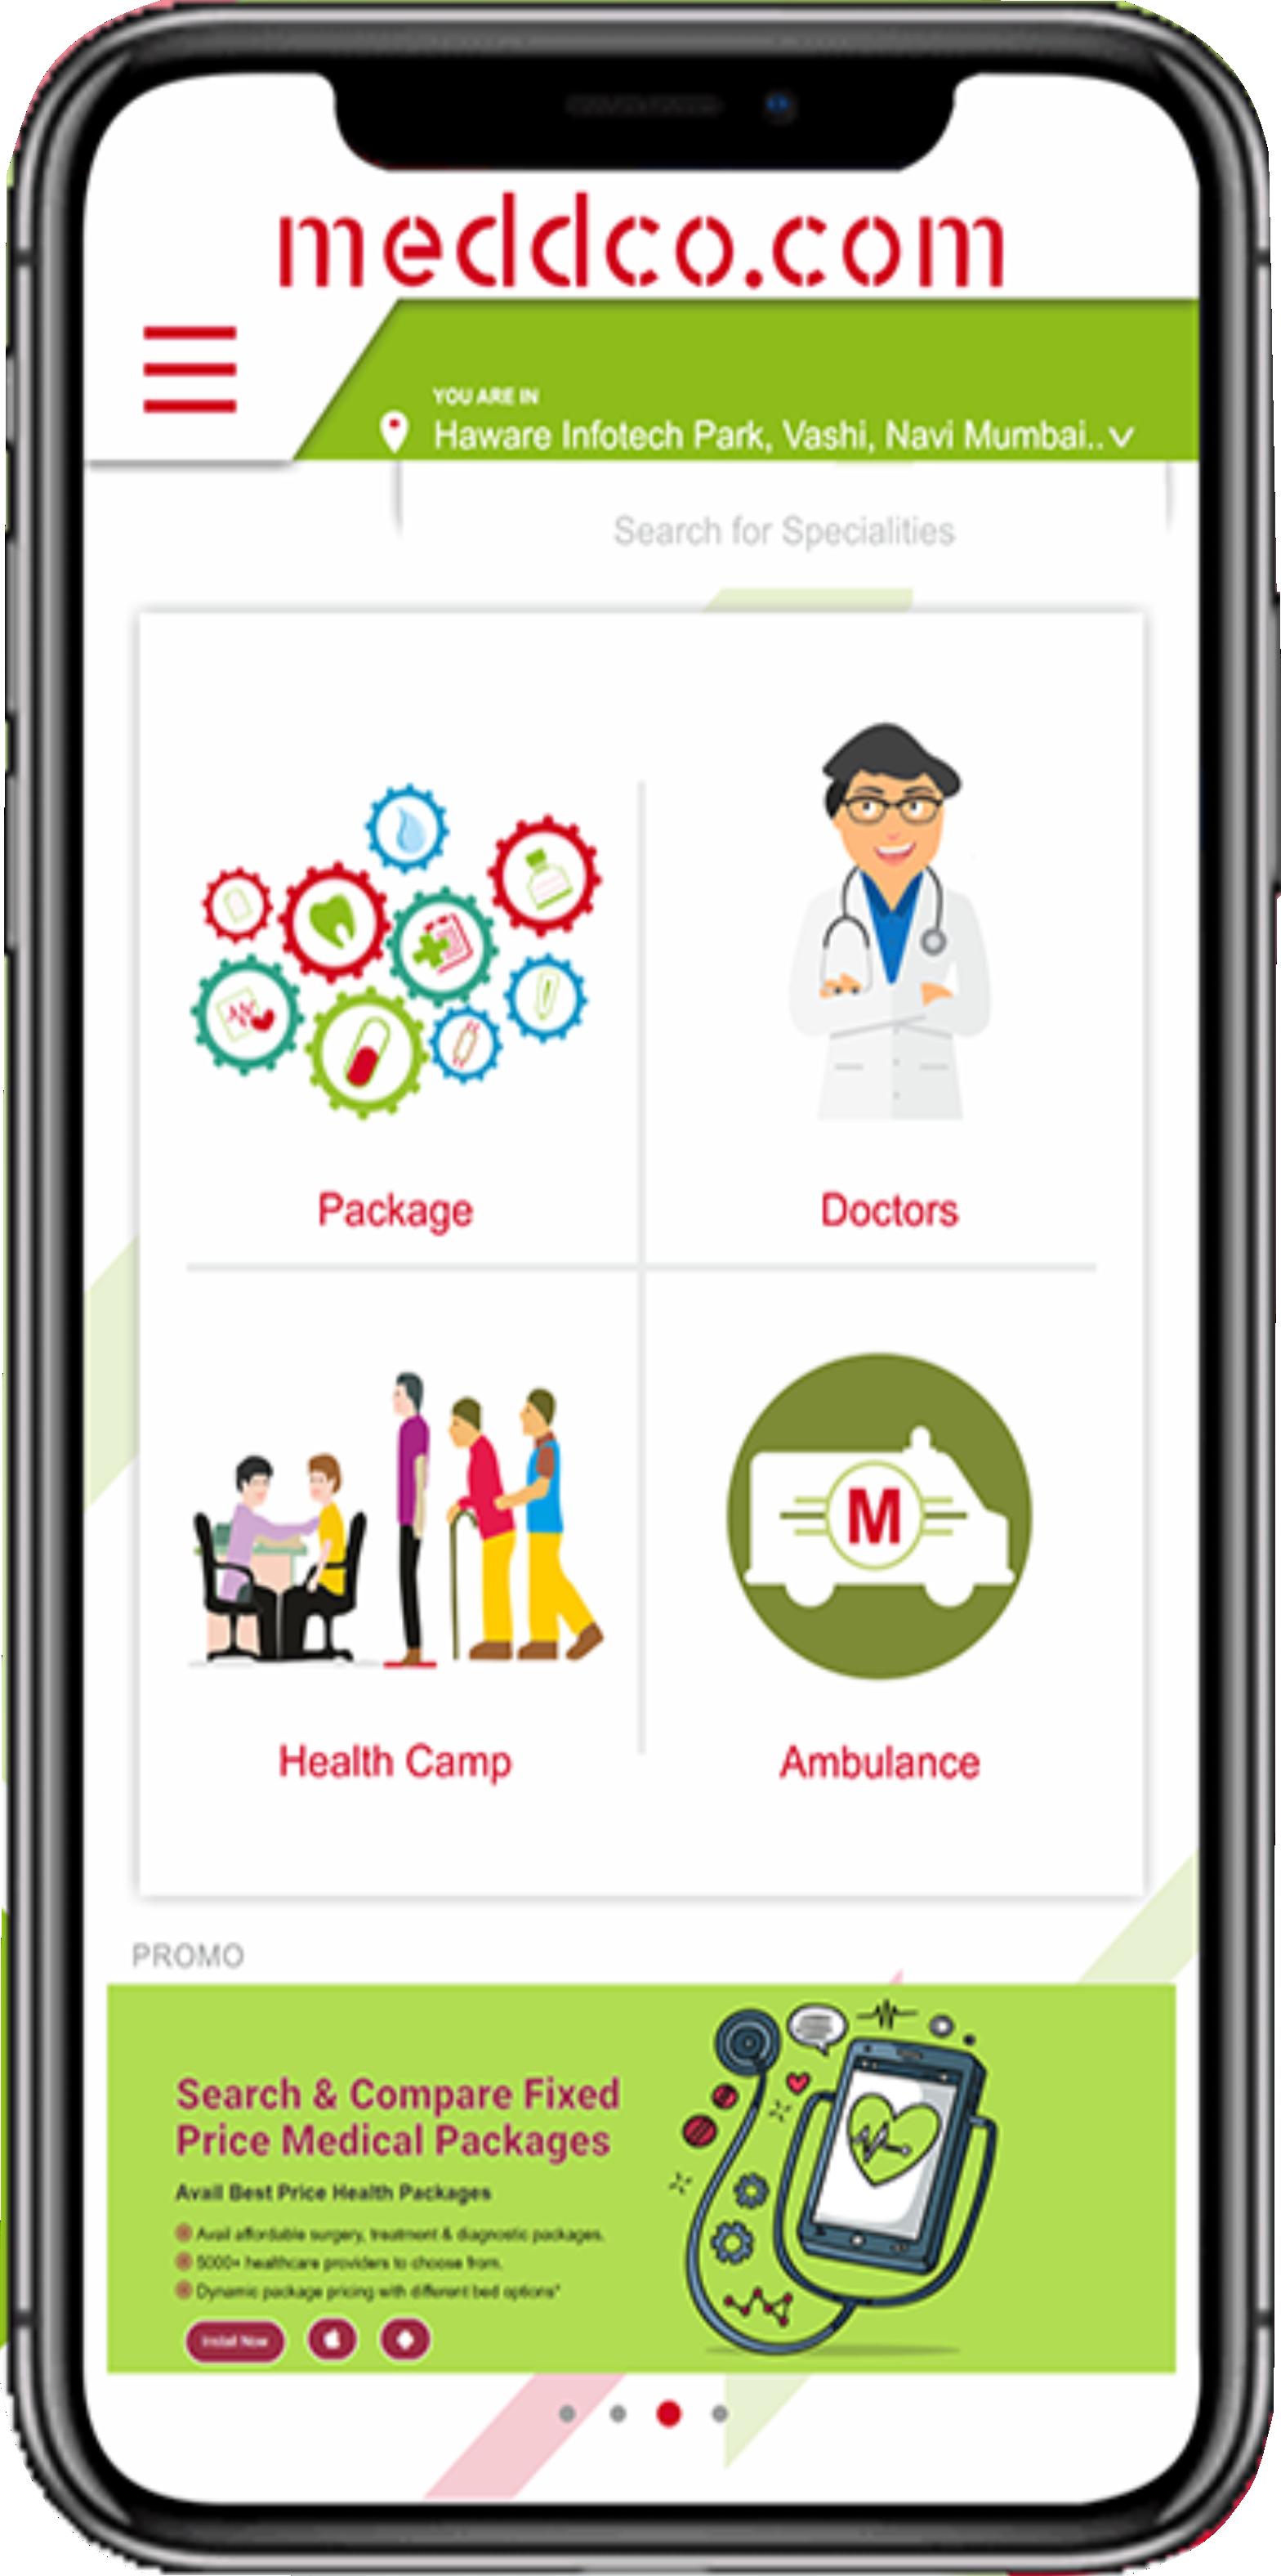 meddco-app